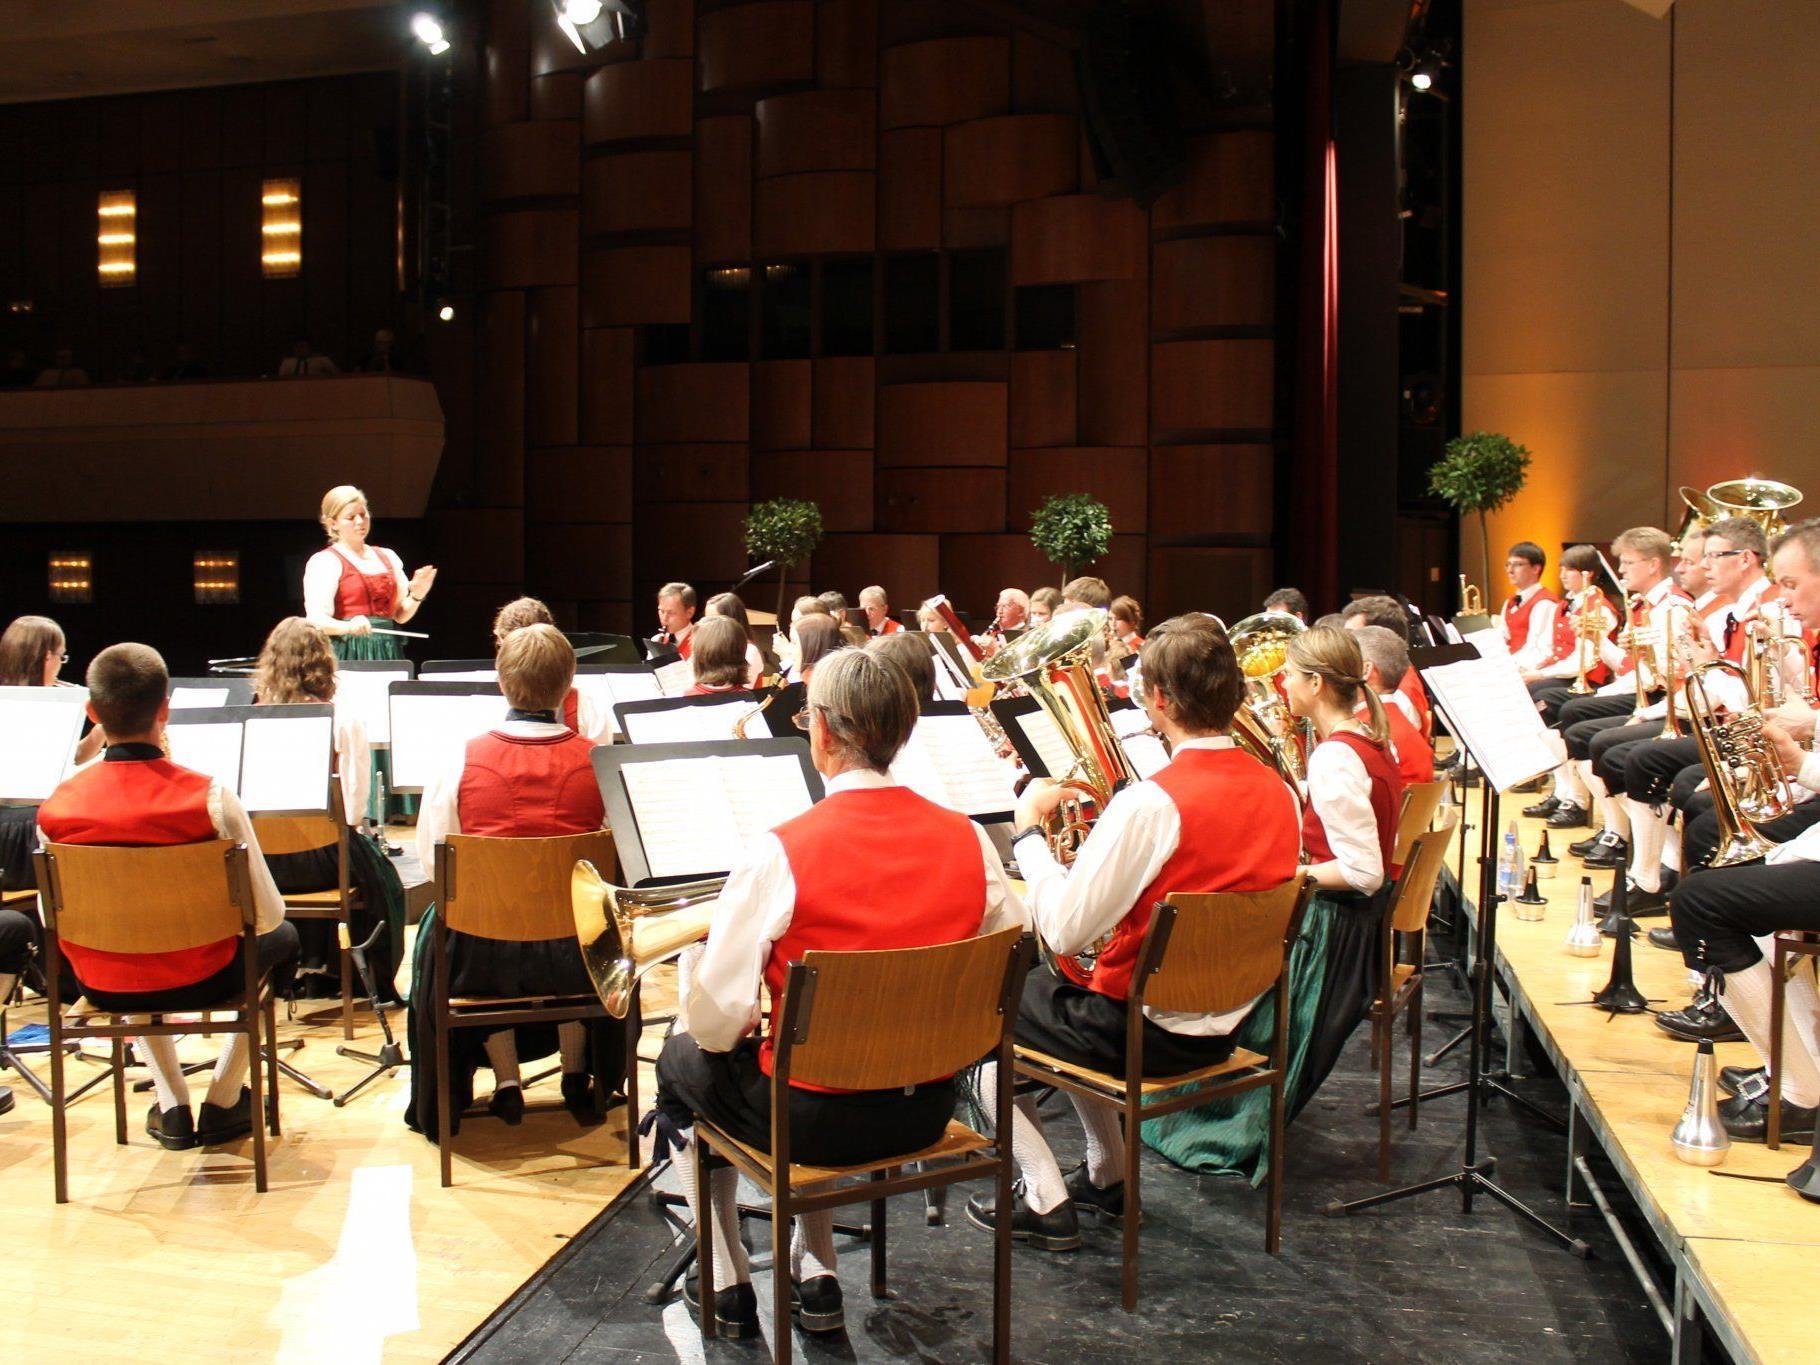 Frühjahrskonzert der Harmoniemusik Tisis-Tosters